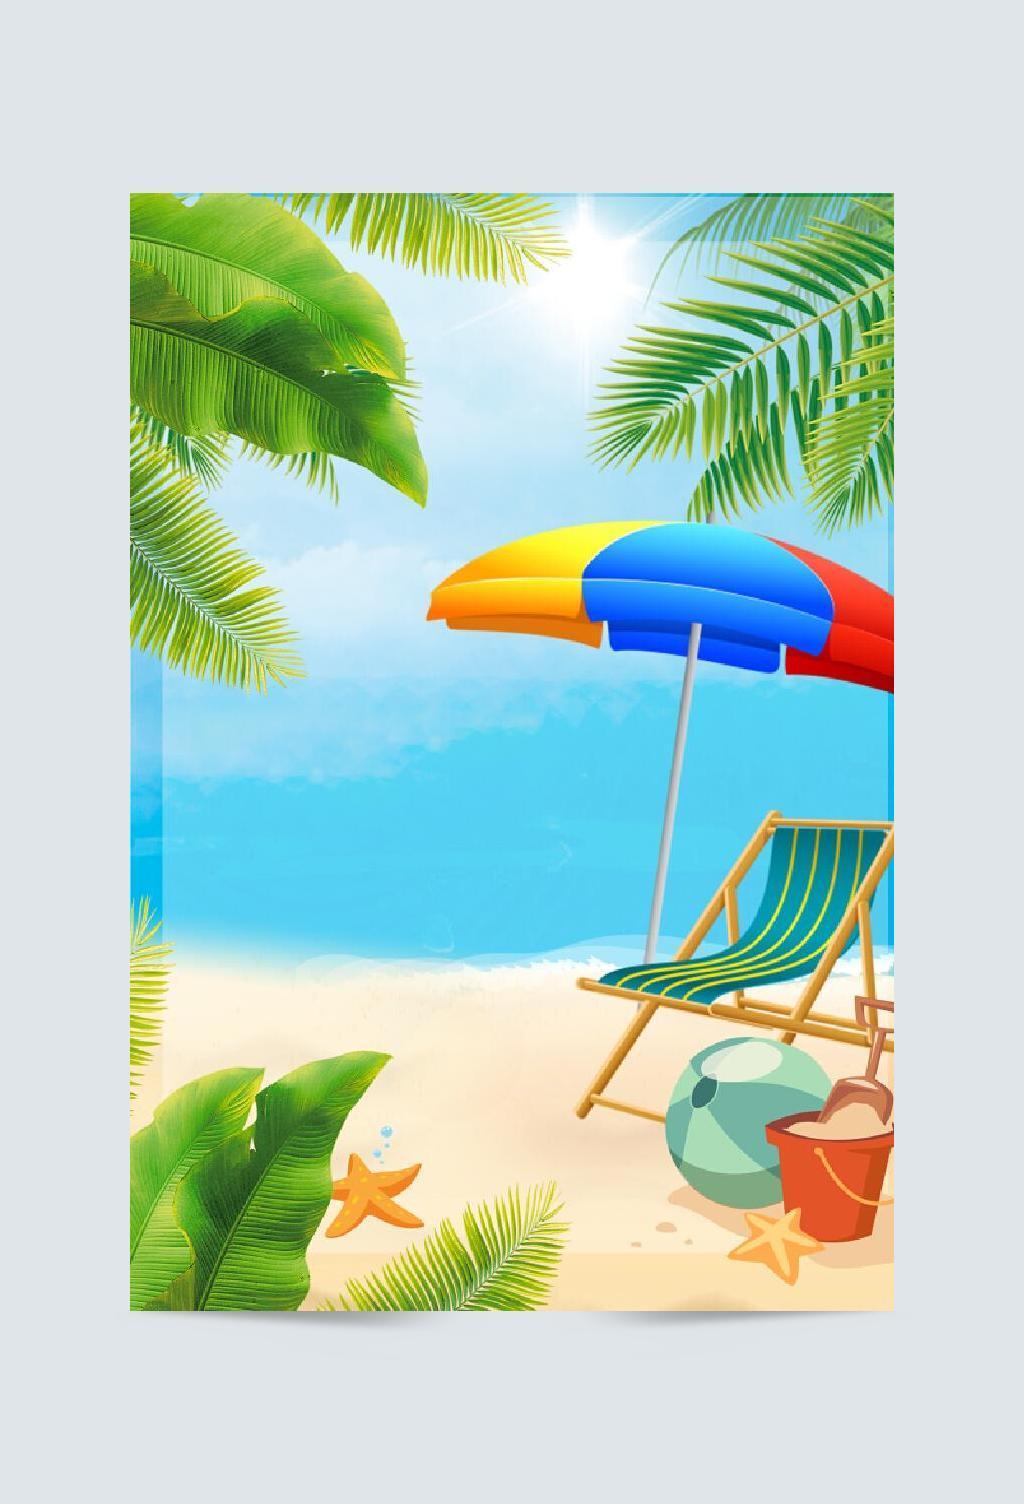 蓝色大海沙滩立夏背景素材